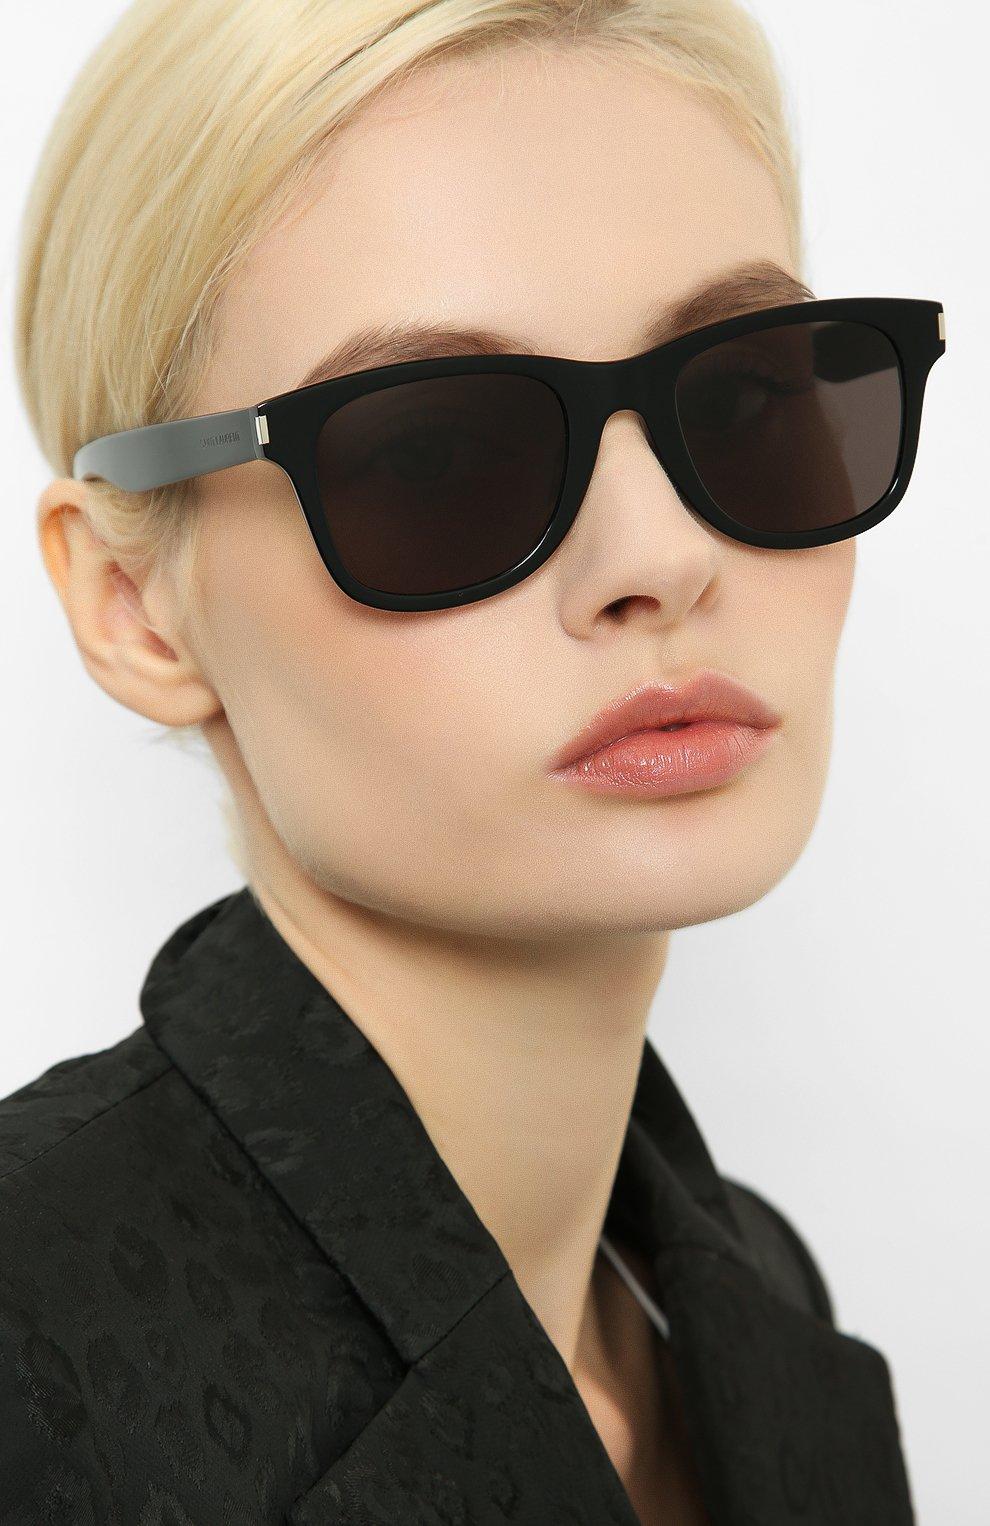 Женские солнцезащитные очки SAINT LAURENT коричневого цвета, арт. SL 51-B SLIM 001   Фото 2